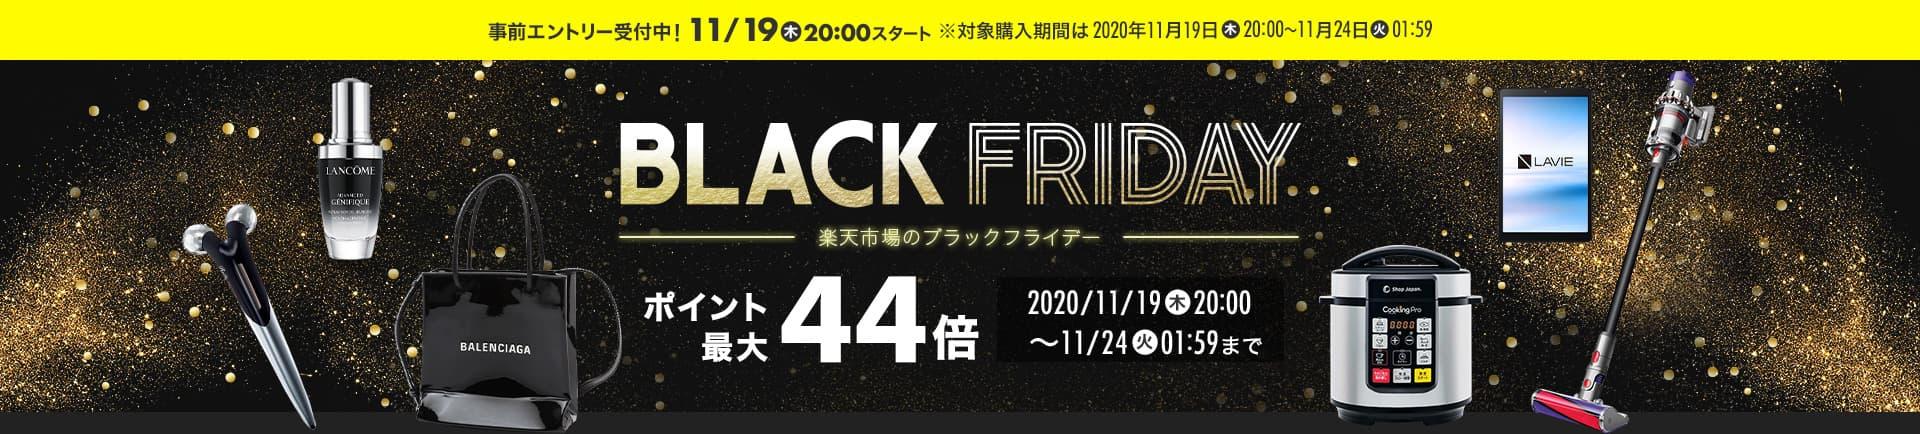 BLACK FRIDAY ショップ買いまわりでポイントアップ 楽天市場のブラックフライデー ポイント最大44倍